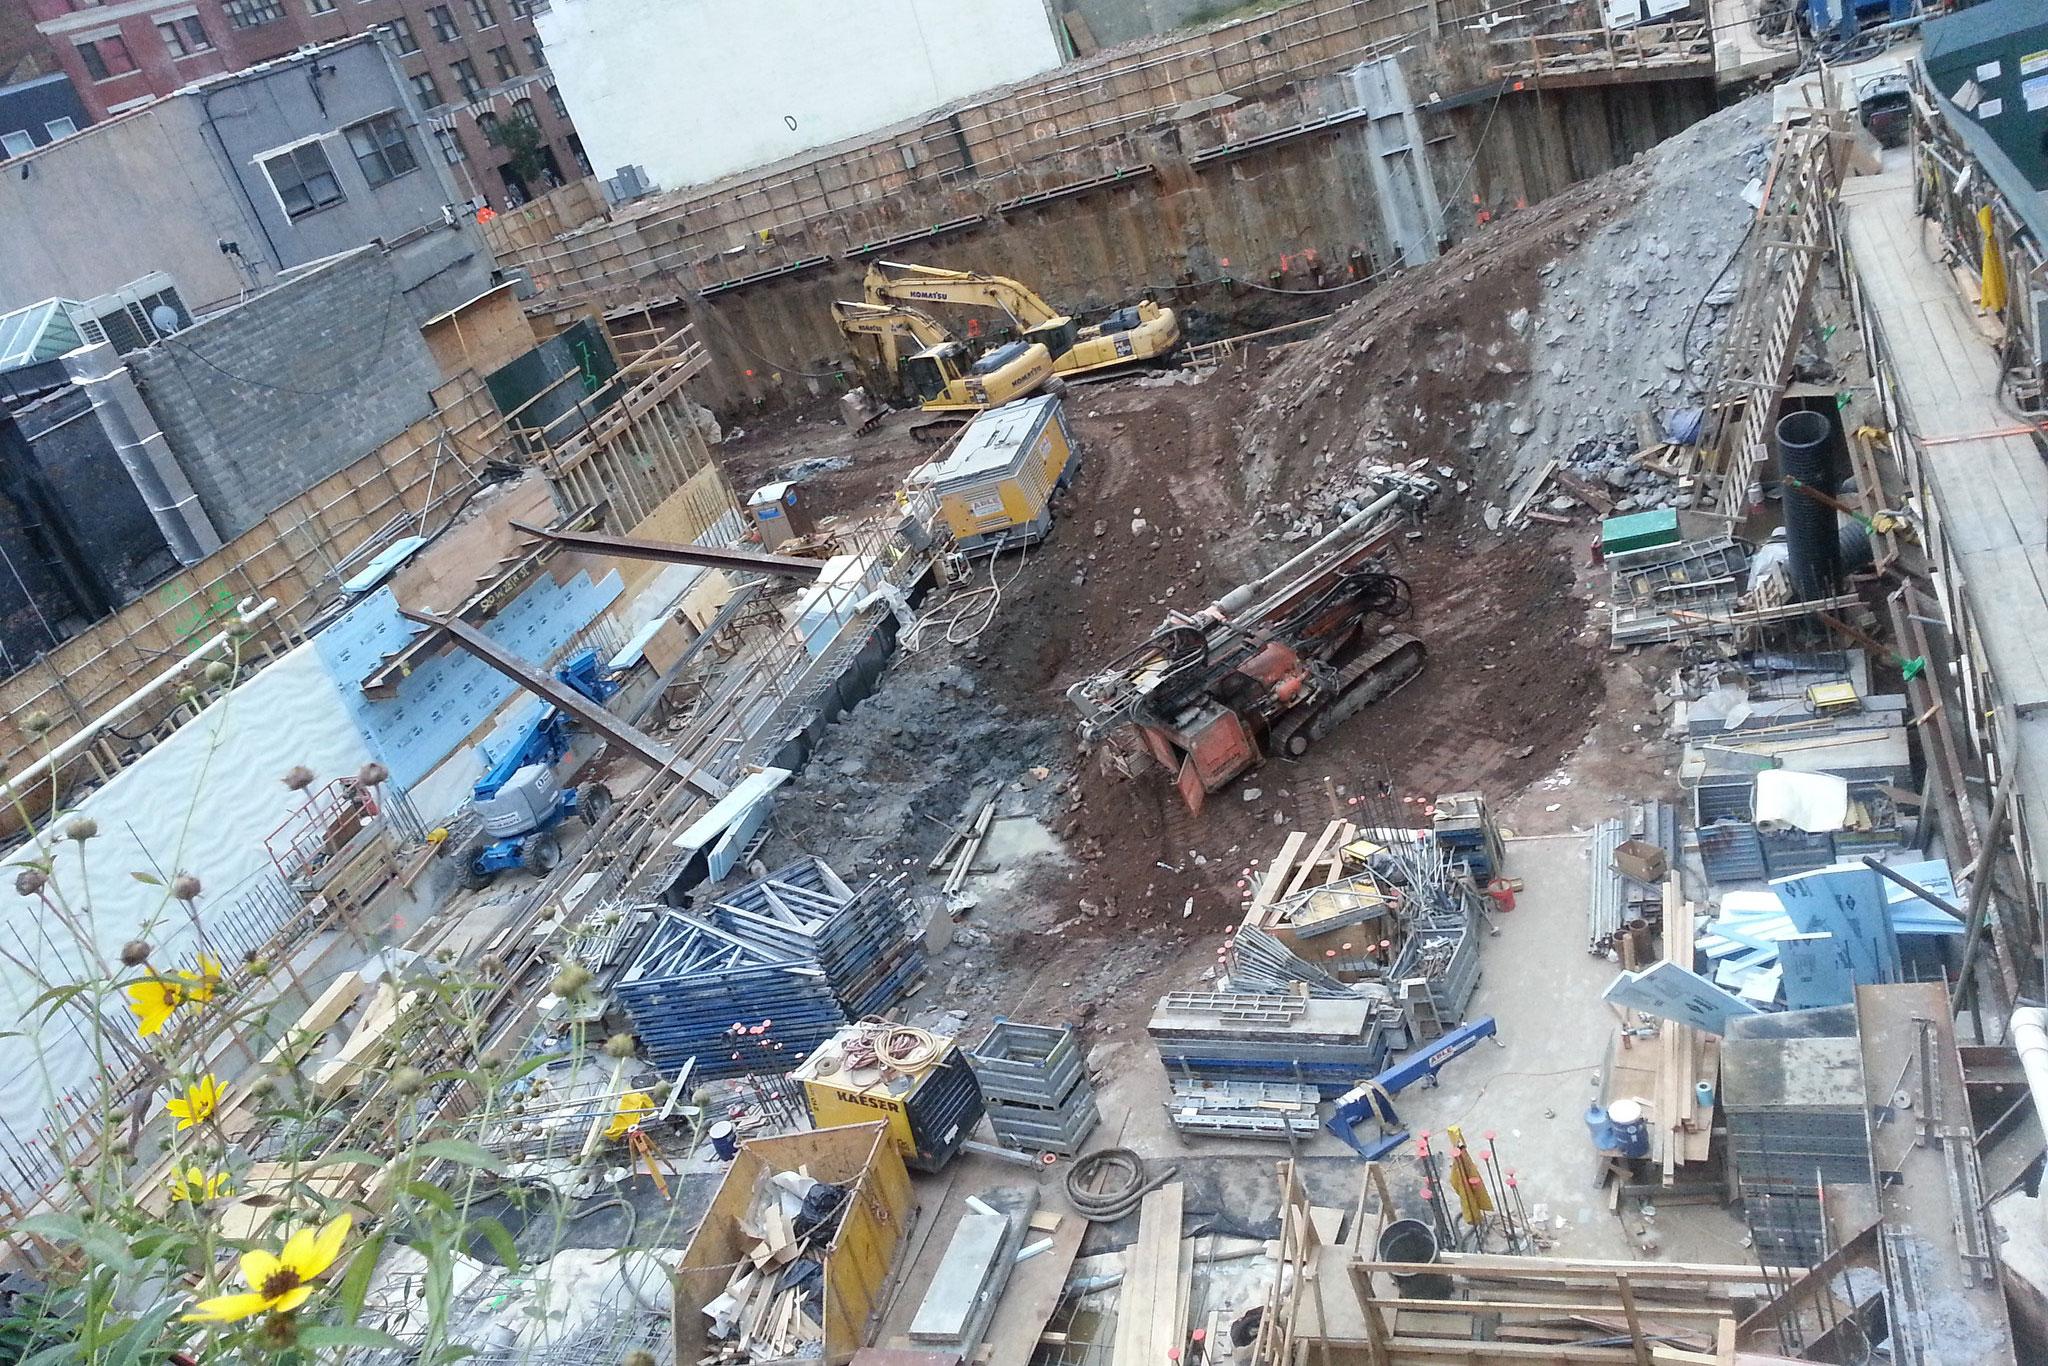 Vänsterpartiet vill att kommunerna ska ha rätt att konfiskera mark för att förhindra handel och spekulation och råda bot på bostadsbristen. Foto: Marc-Anthony Macon (CC-BY2.0)